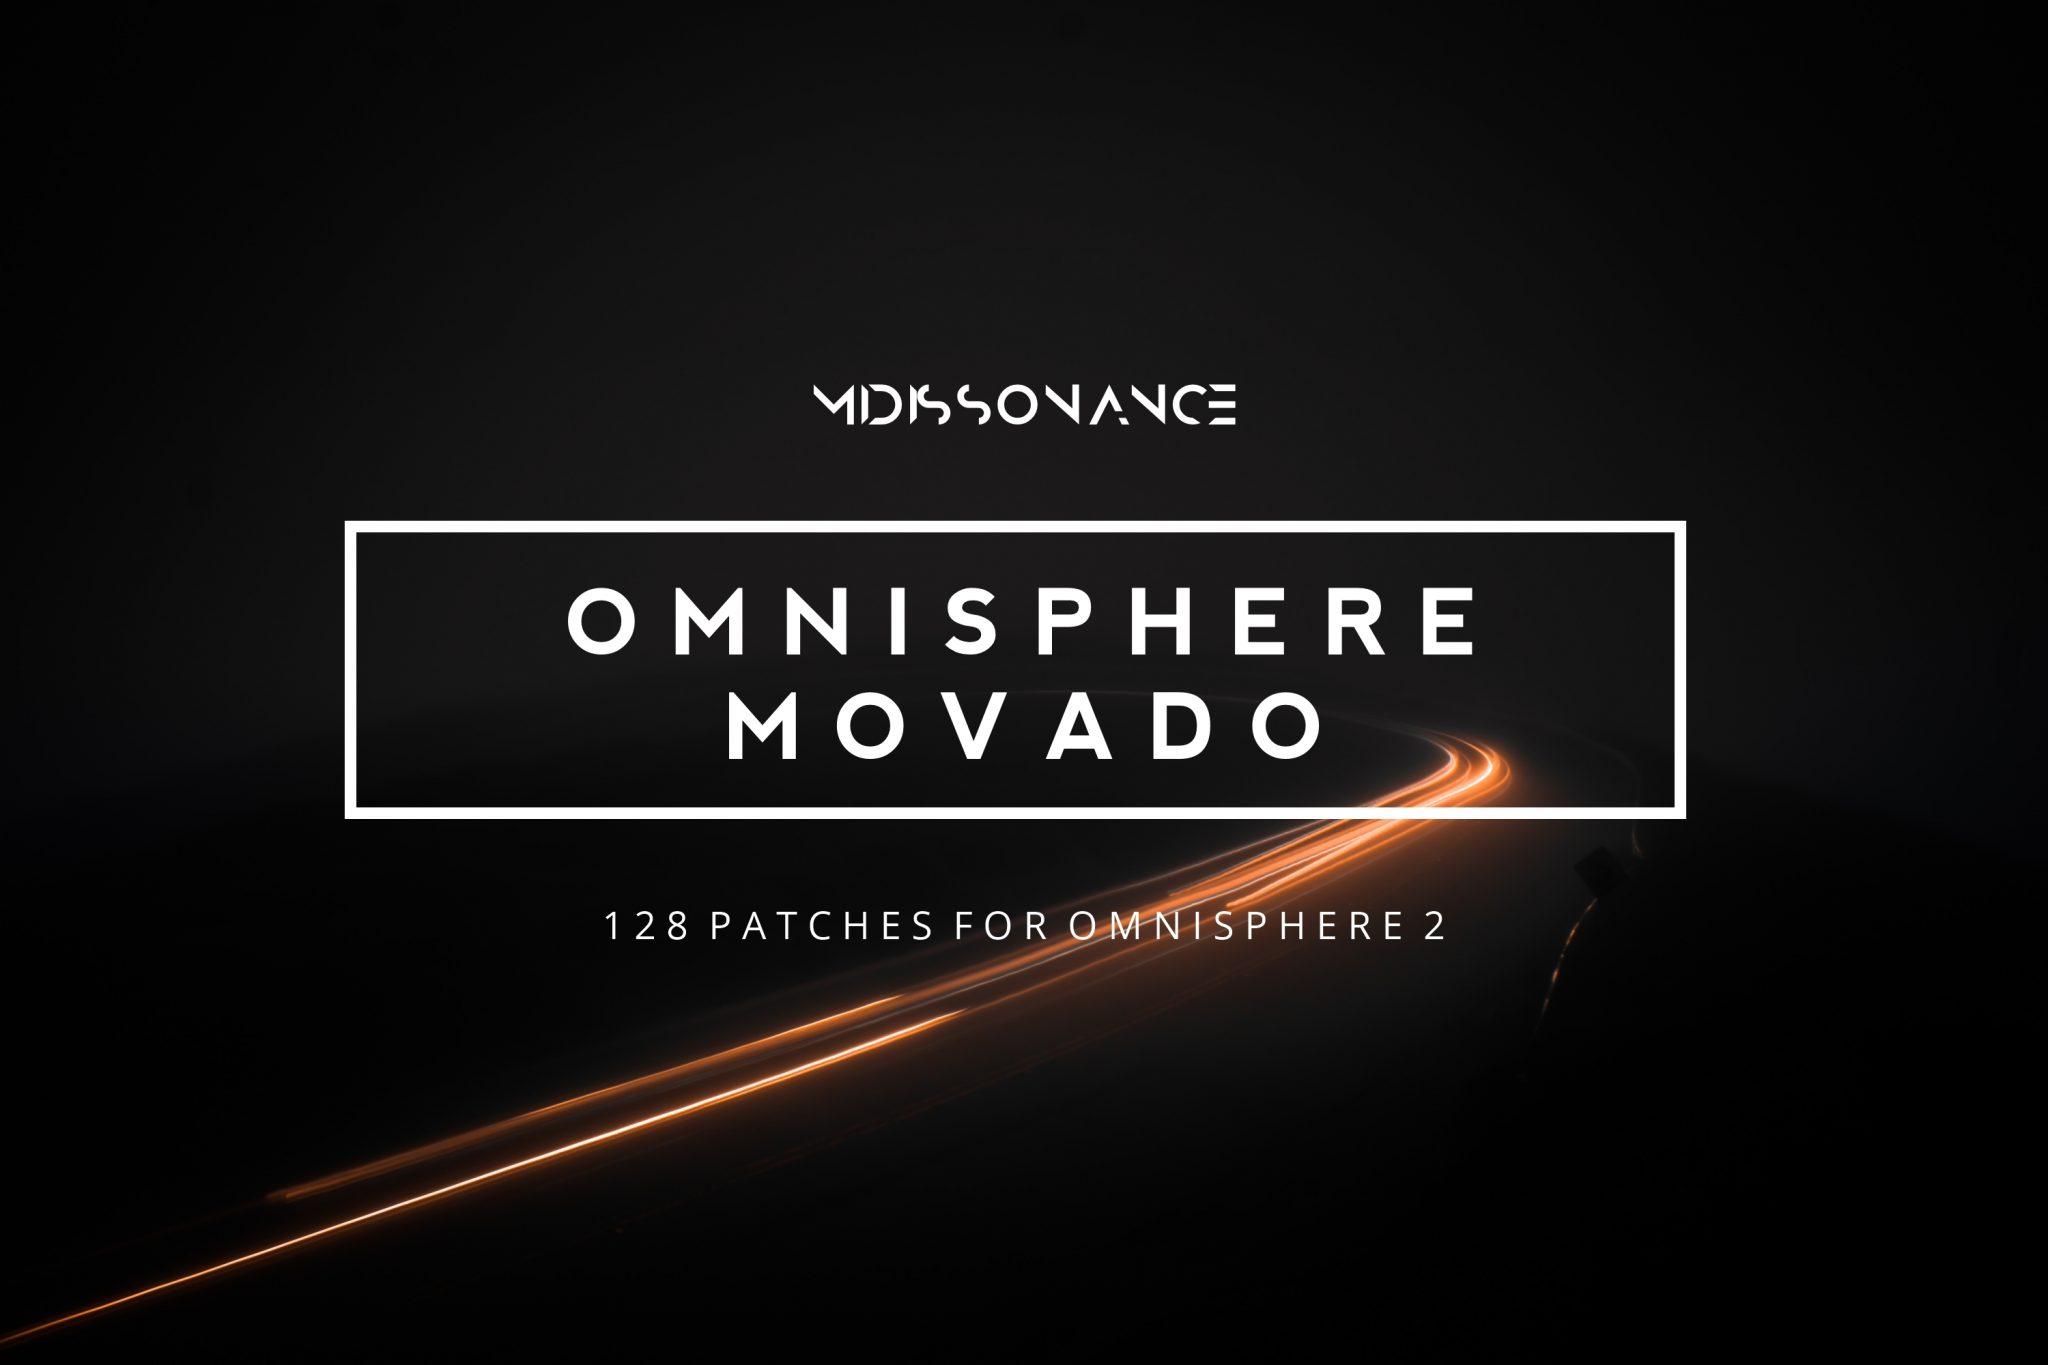 Omnisphere Movado